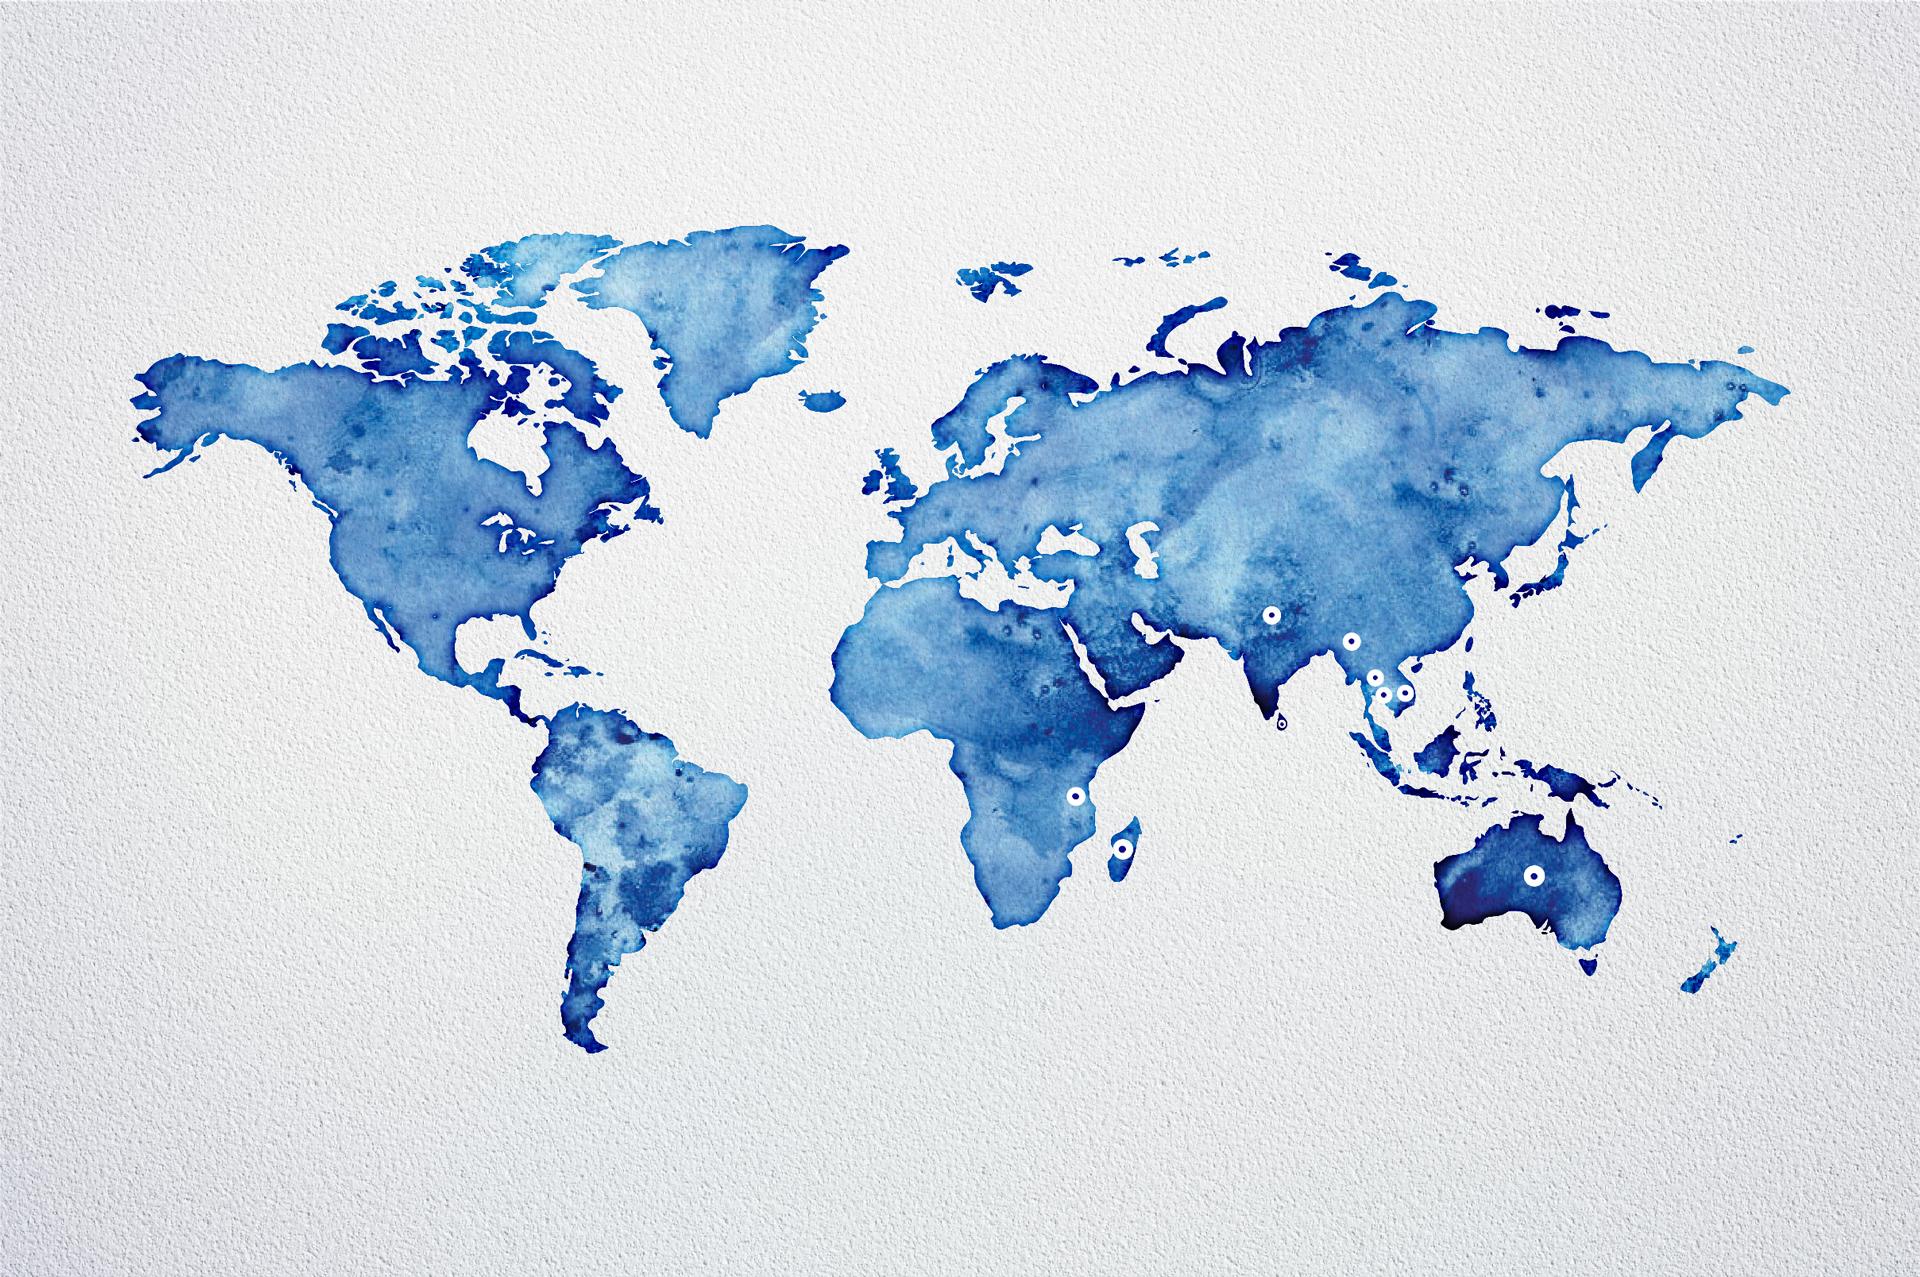 Production mondiale de saphir